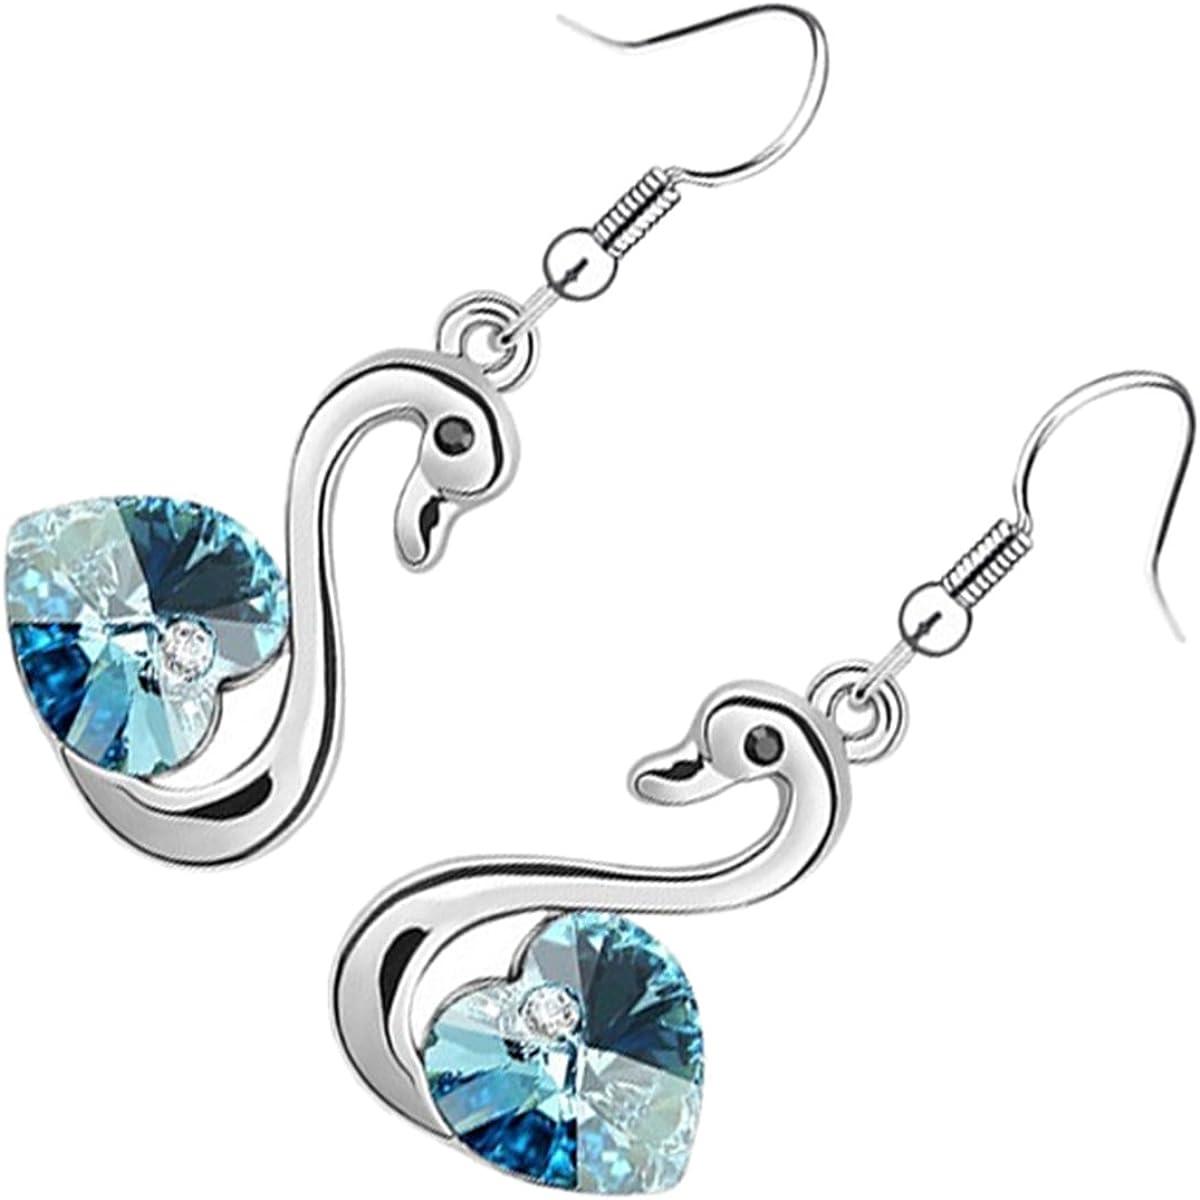 GWG Jewellery Pendientes Mujer Regalo Pendientes, Colgantes Chapados en Plata de Ley Cisne con Alas Brillantes de Corazón de Cristal Colorado para Mujeres